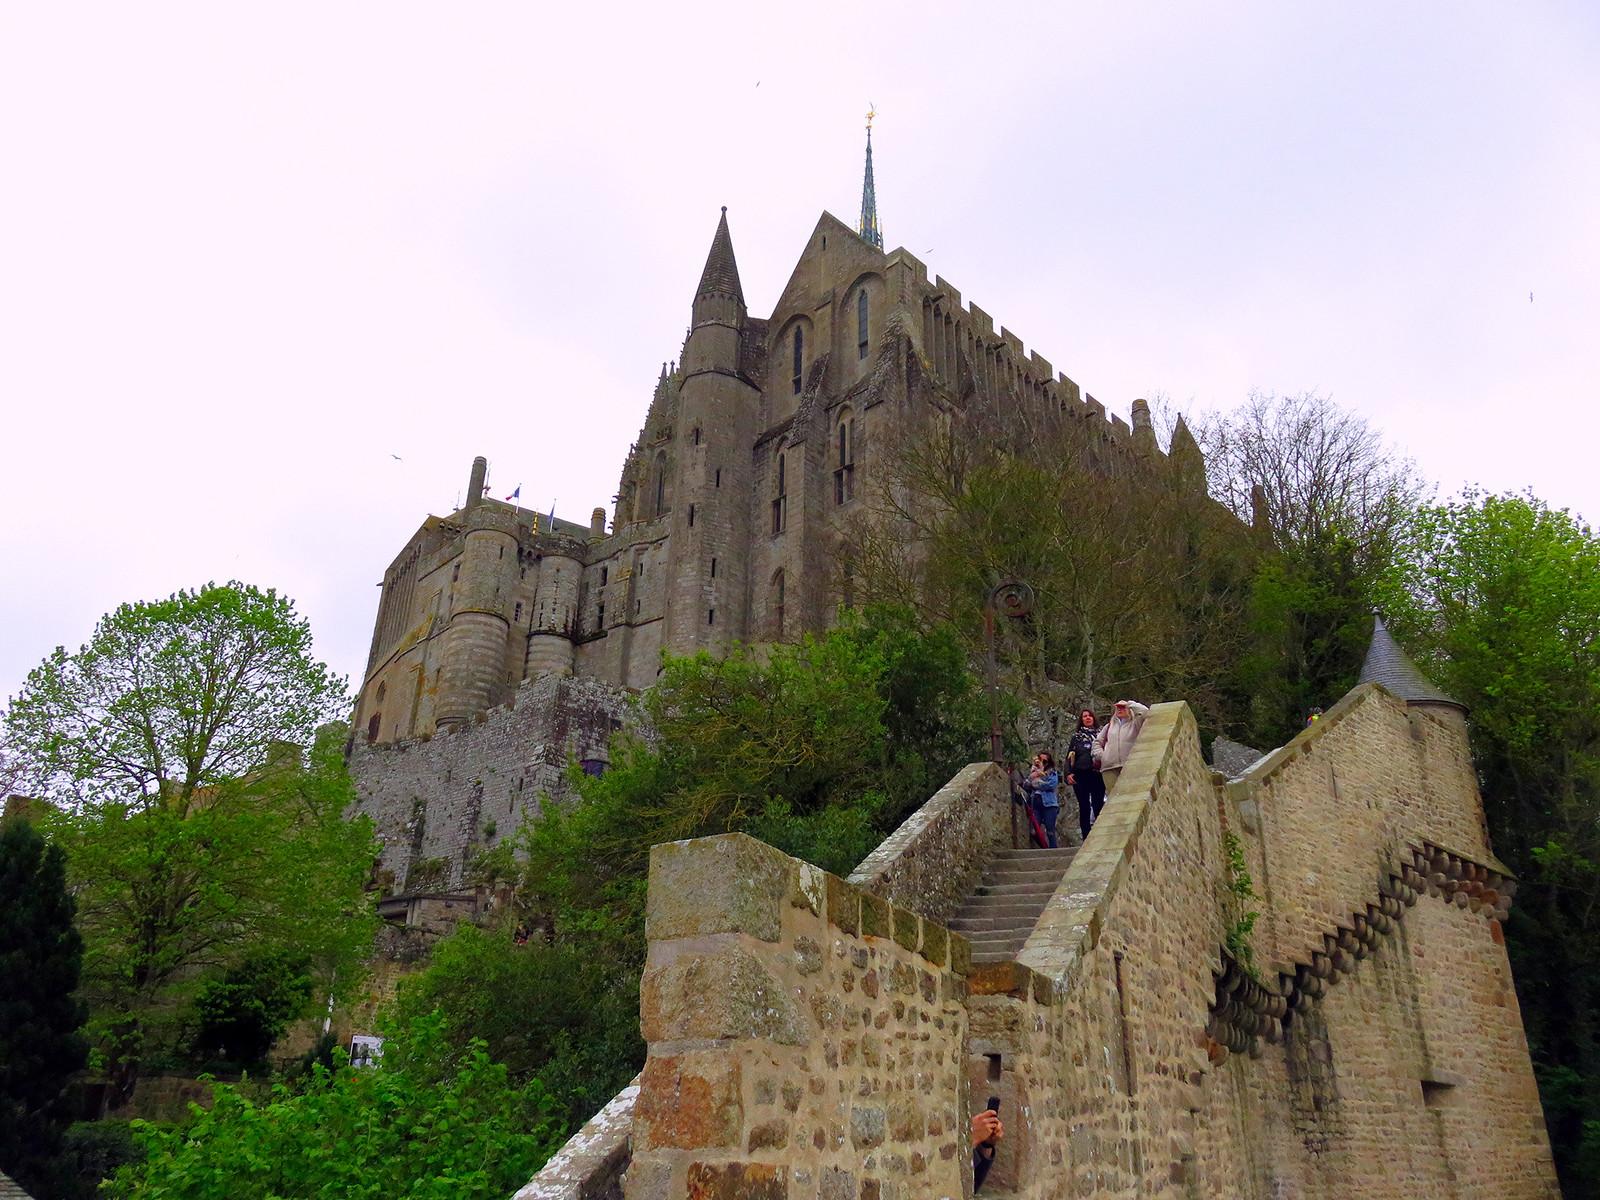 Mont Saint-Michel, France / Monte Saint-Michel, Francia mont saint-michel - 37460203000 8da7658649 h - Visitar el Mont Saint-Michel